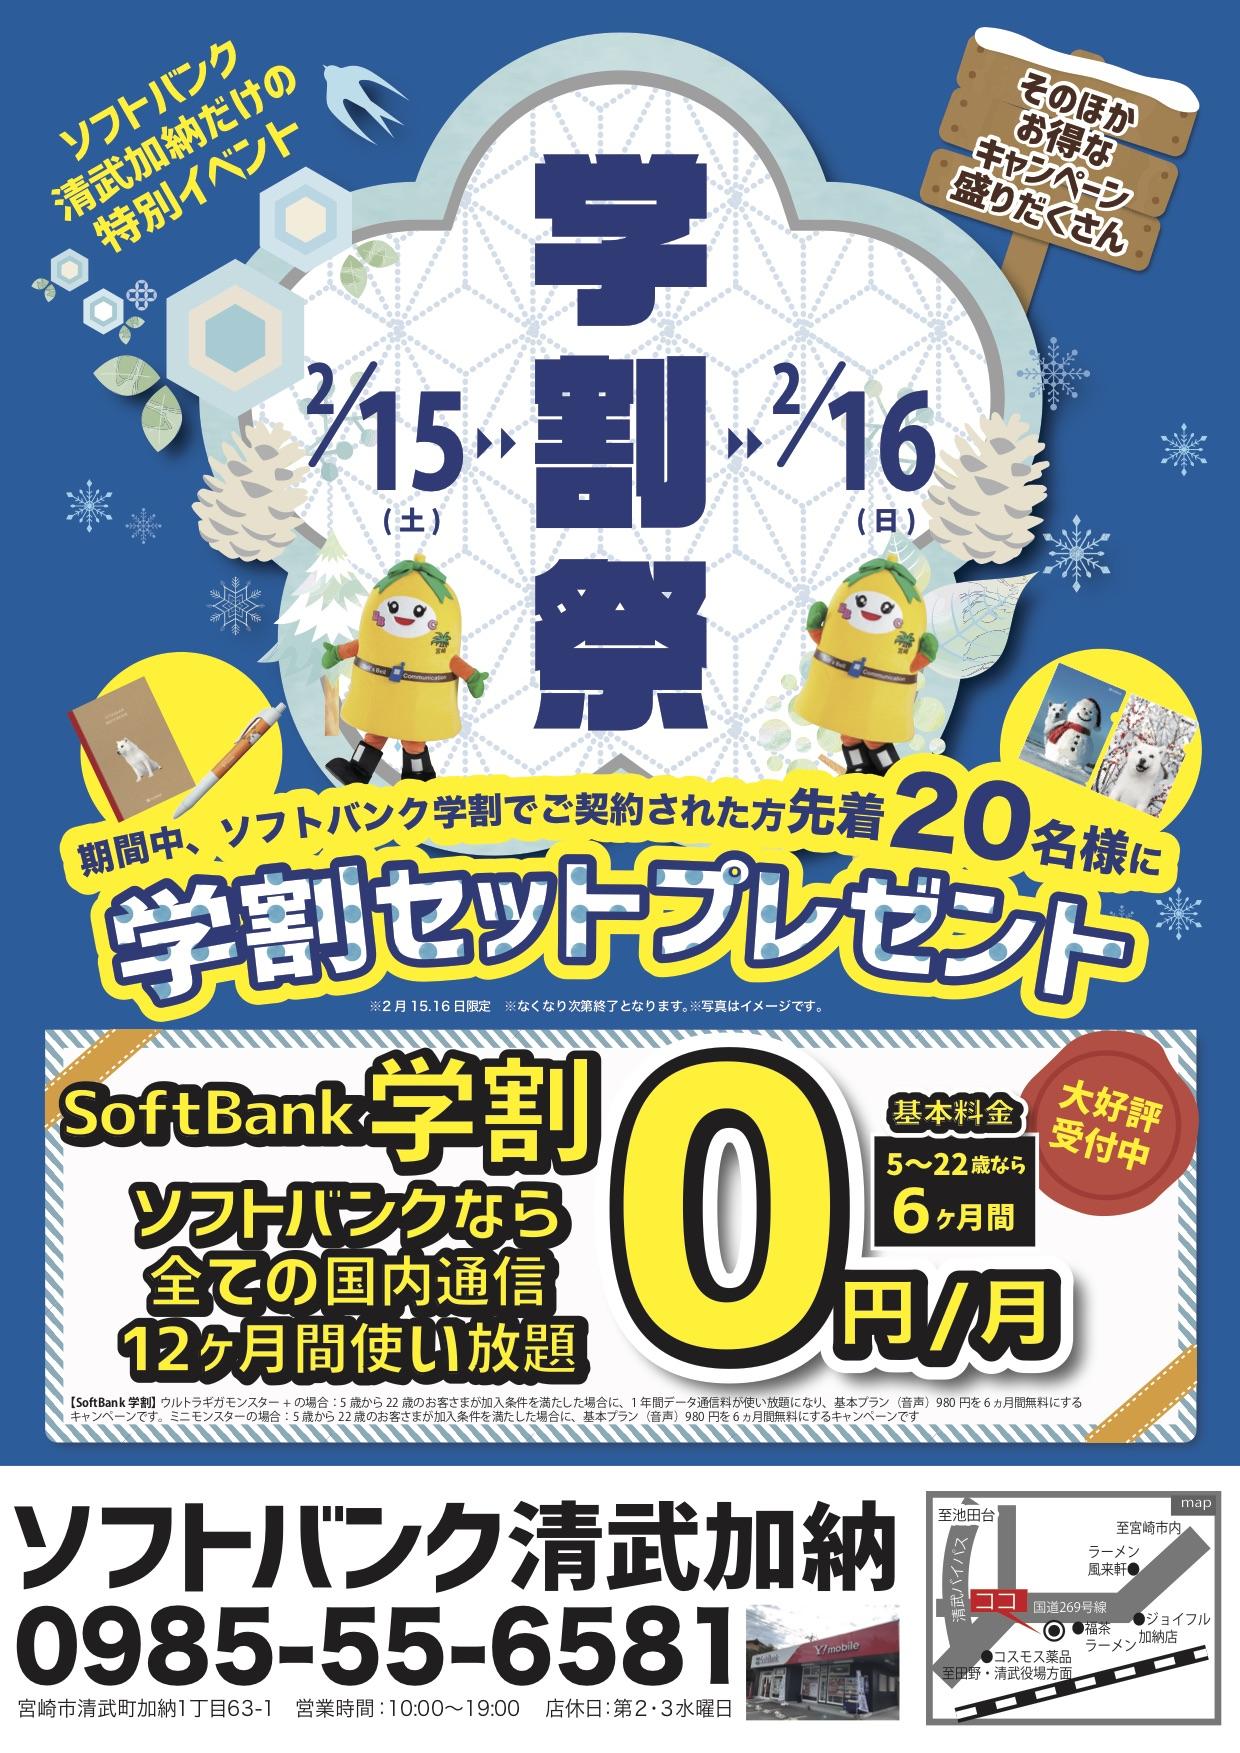 ソフトバンク清武加納にて学割祭開催!2/15〜16イメージ